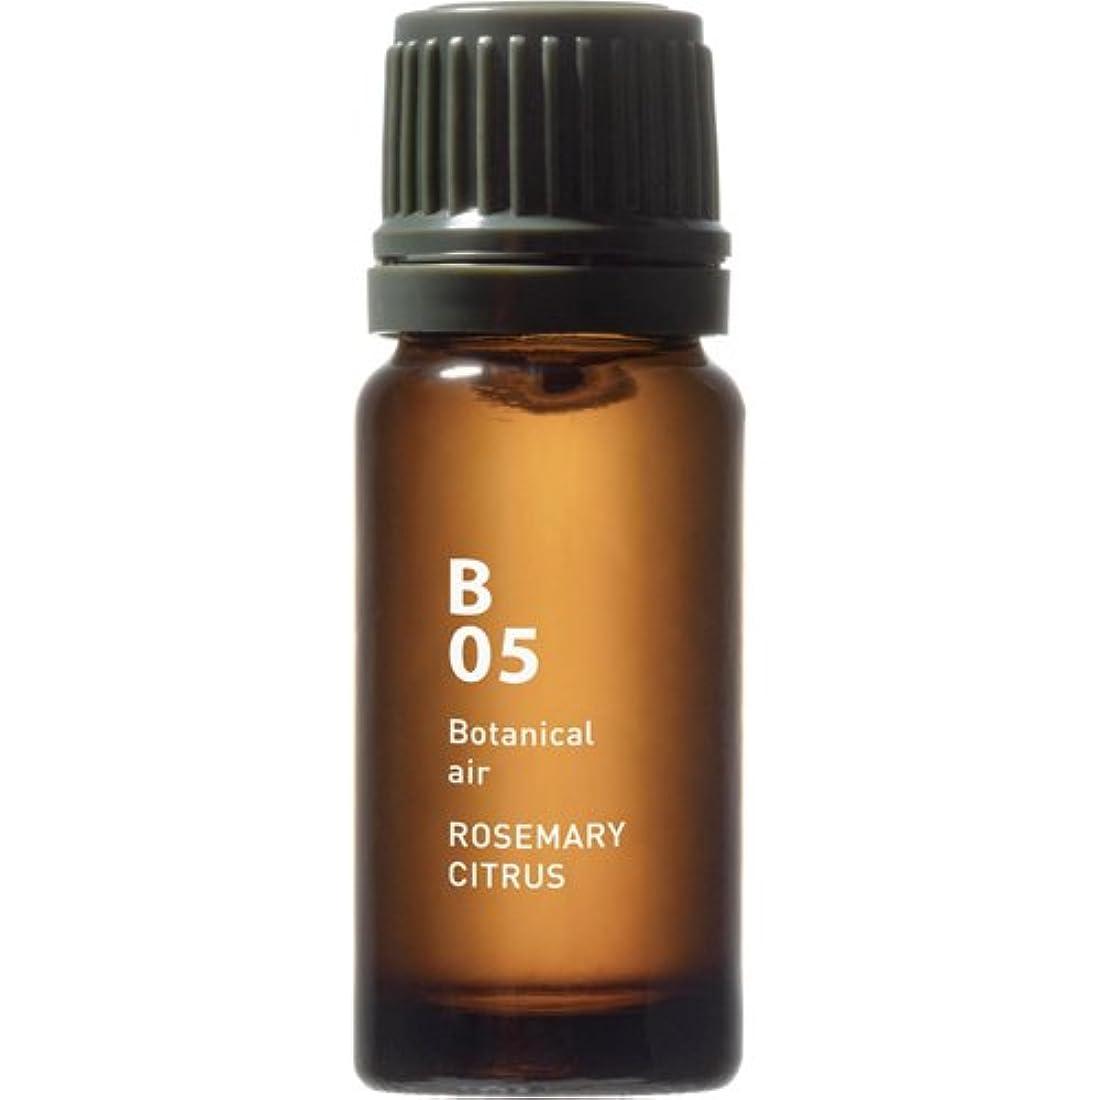 反論公平光のB05 ローズマリーシトラス Botanical air(ボタニカルエアー) 10ml